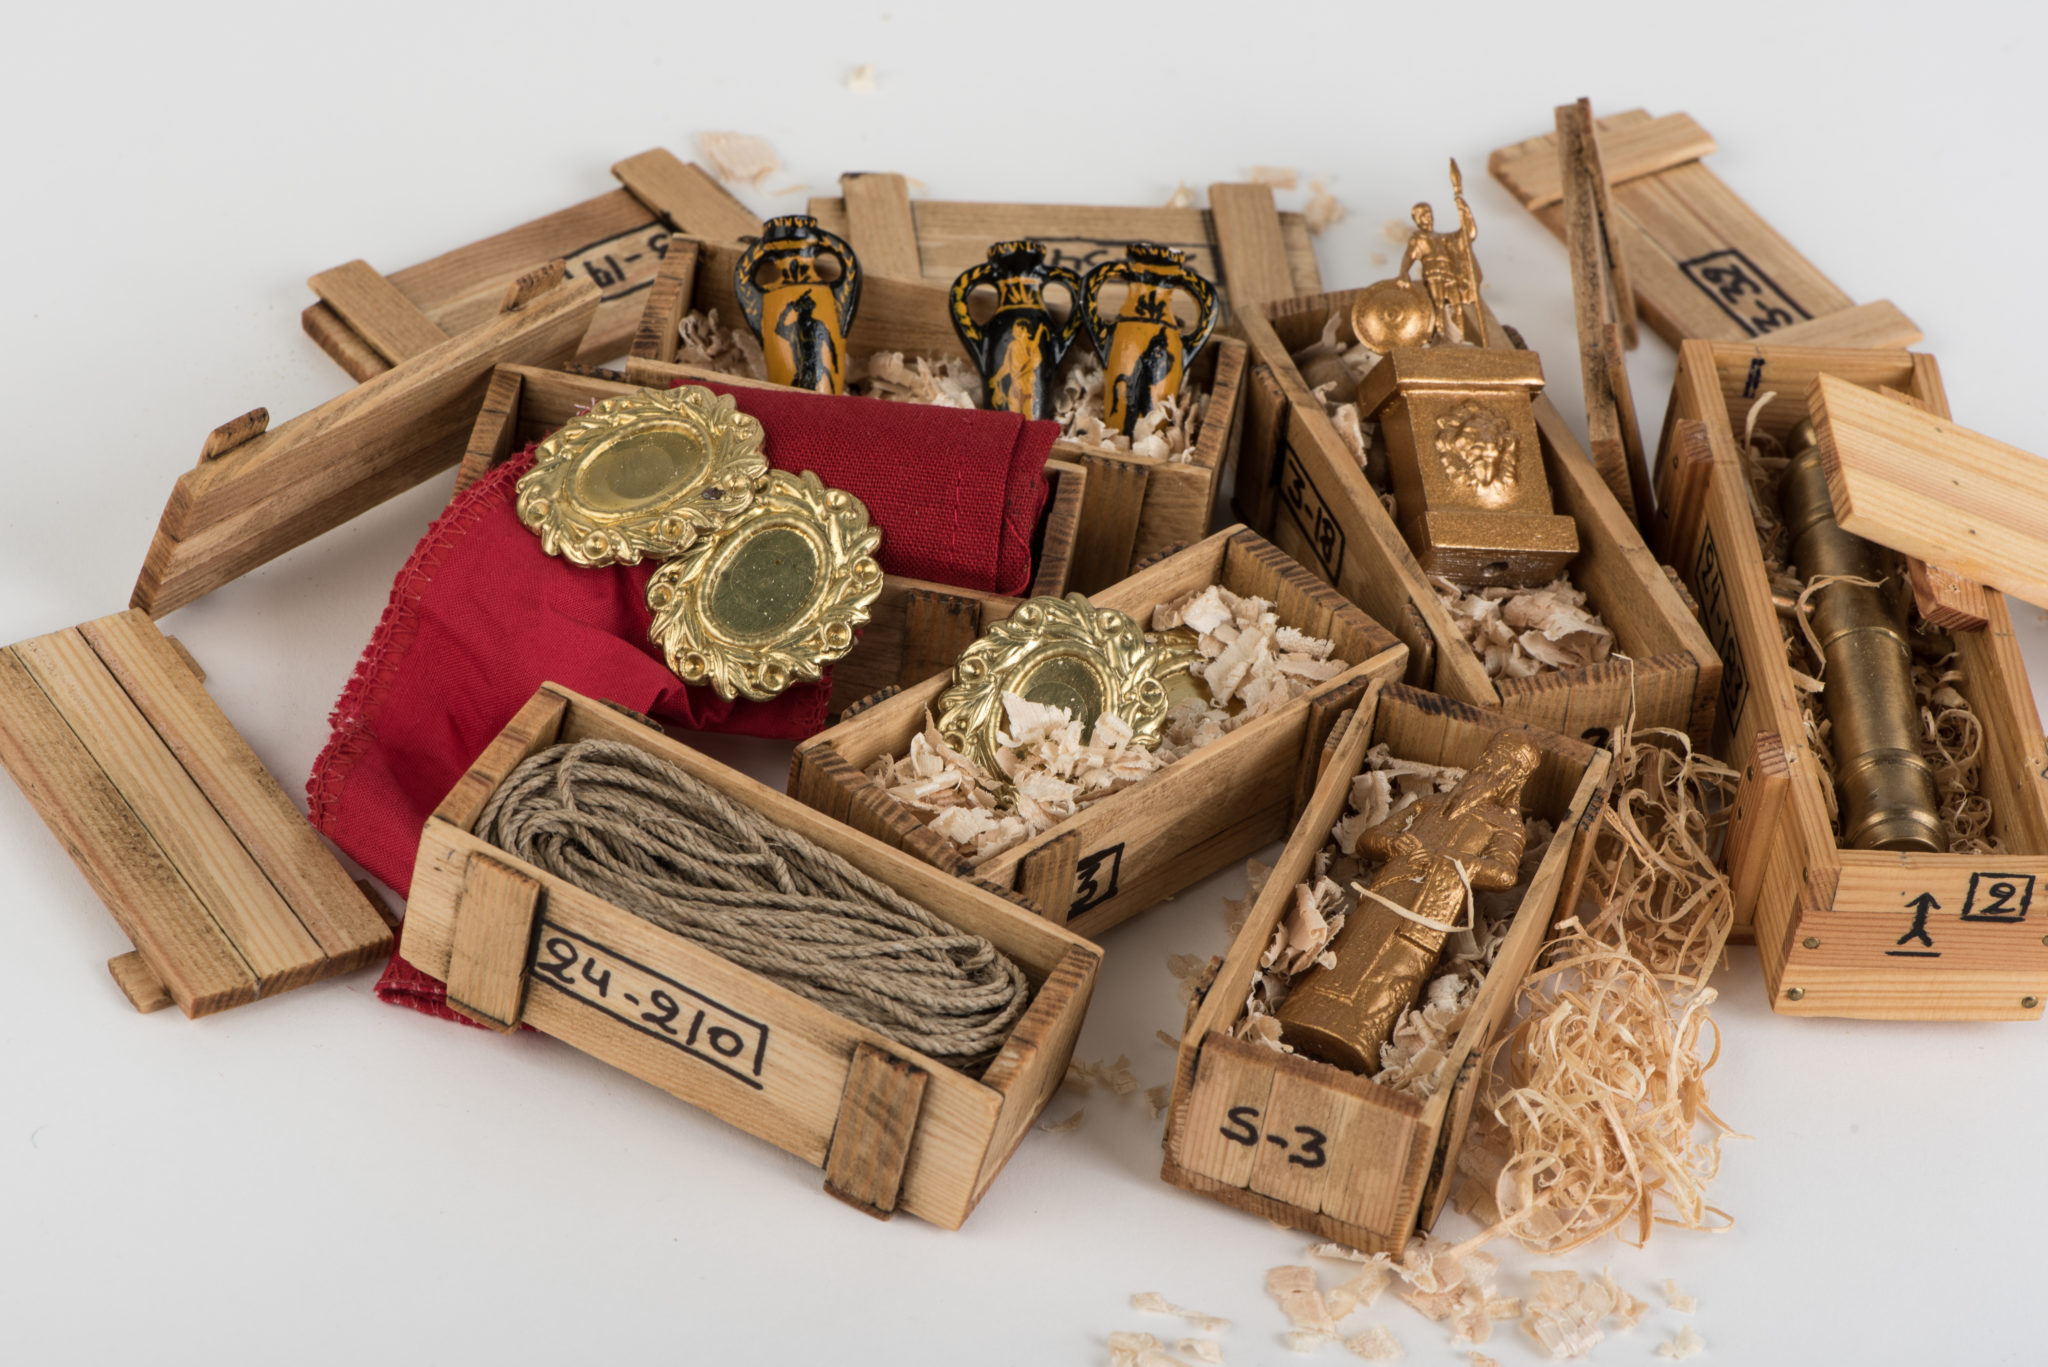 Μερικά ανοιχτά κιβώτια με  εμπορεύματα, πιστοποιούν την έννοια της μικροναυπηγικής και στην παραμικρή λεπτομέρεια.